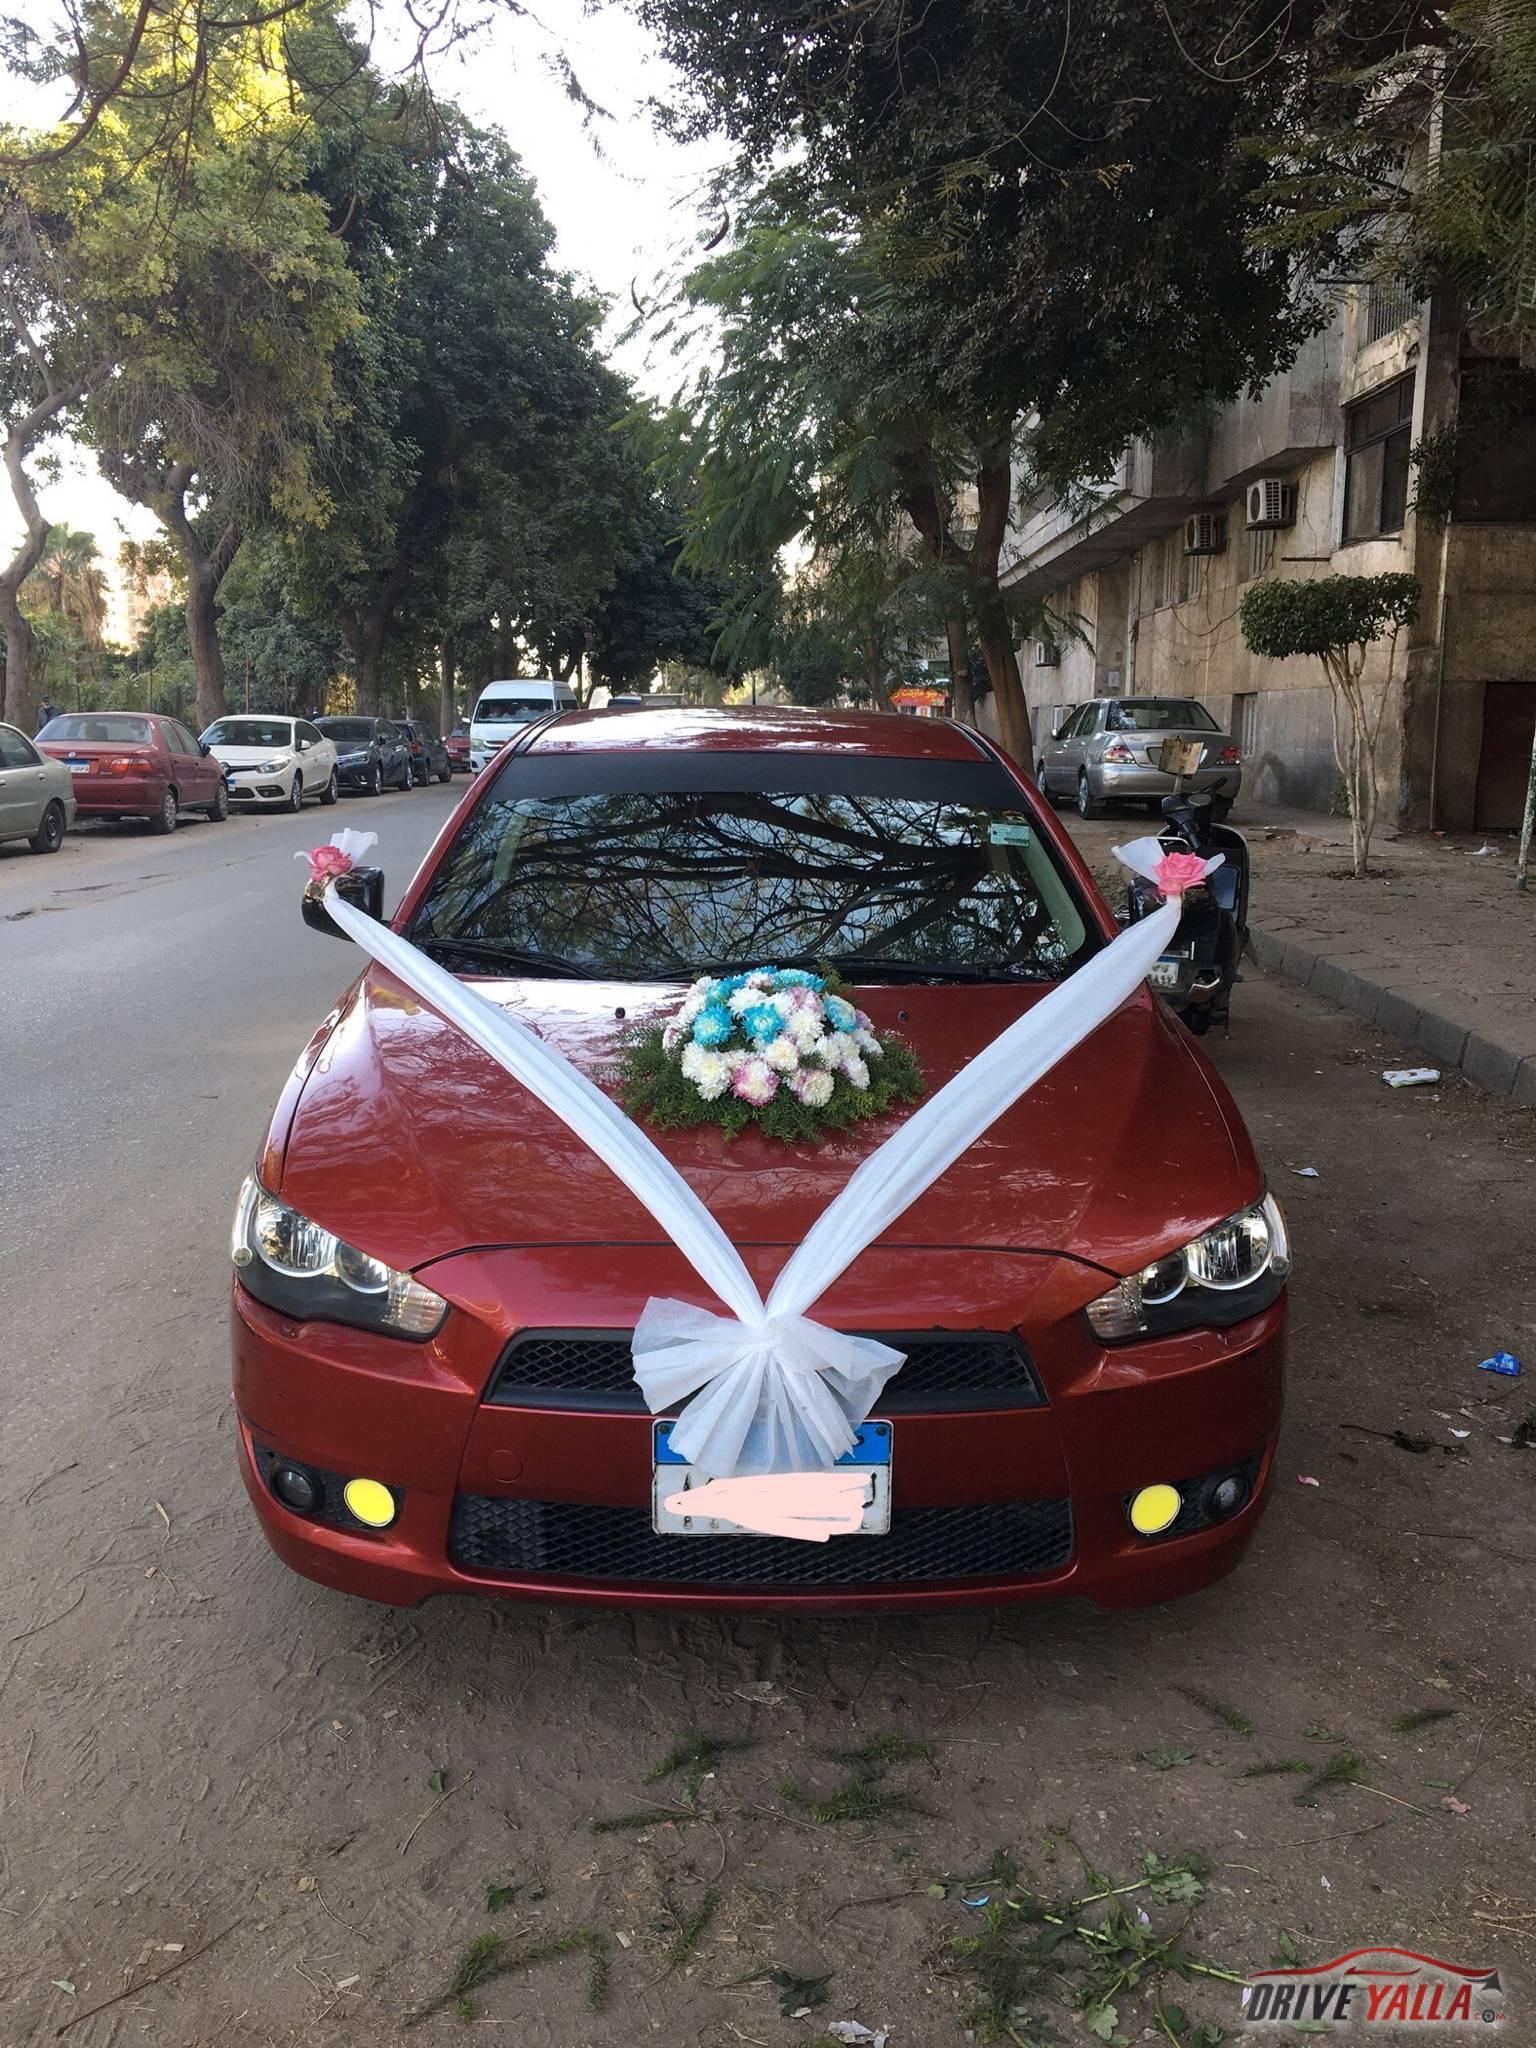 متسوبيشي لانسر شارك مستعملة للبيع فى مصر بالتقسيط  2014